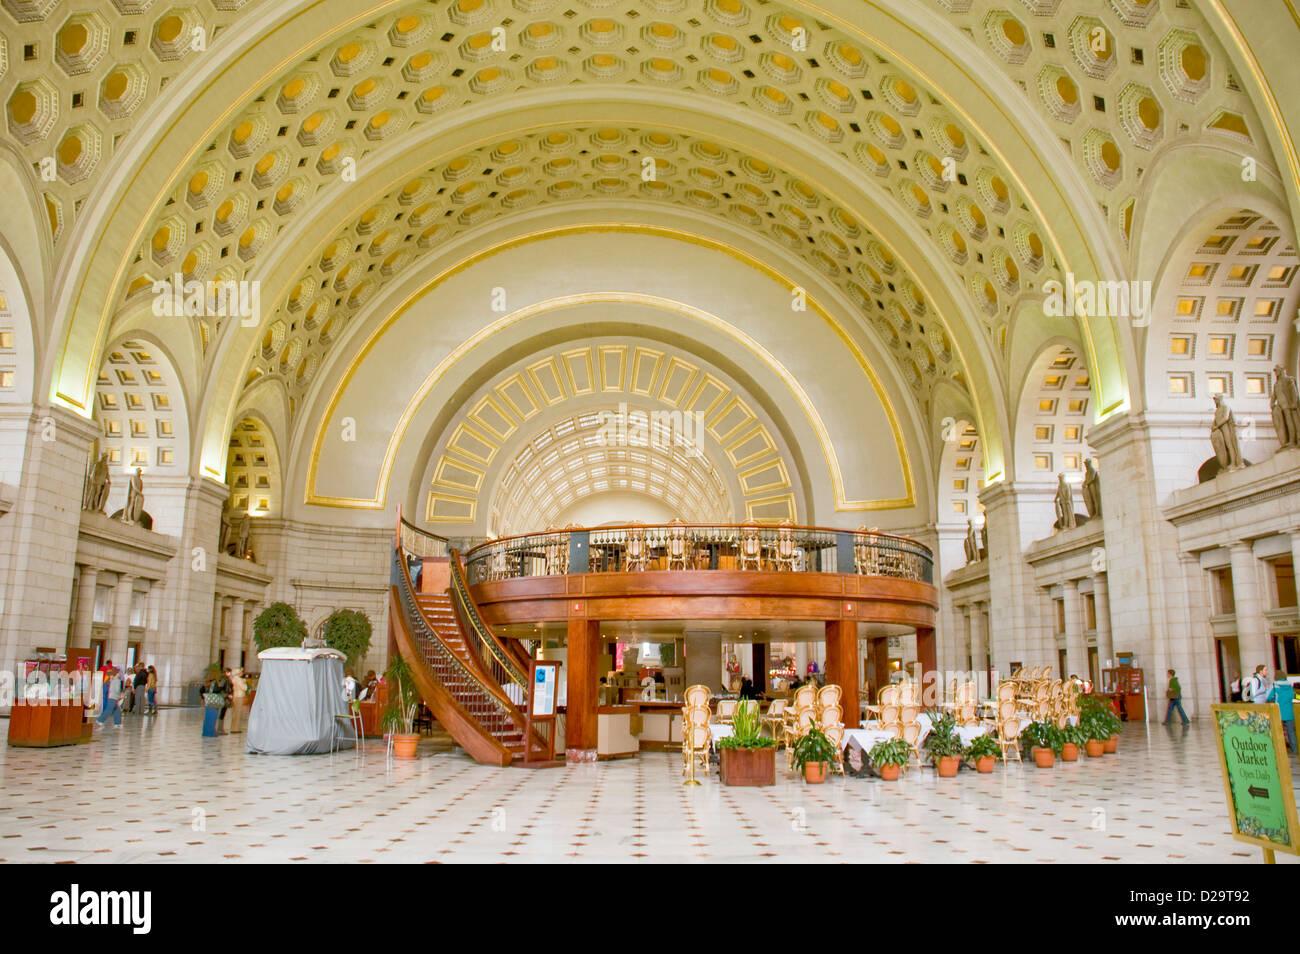 Washington, D.C., Union Station Photo Stock